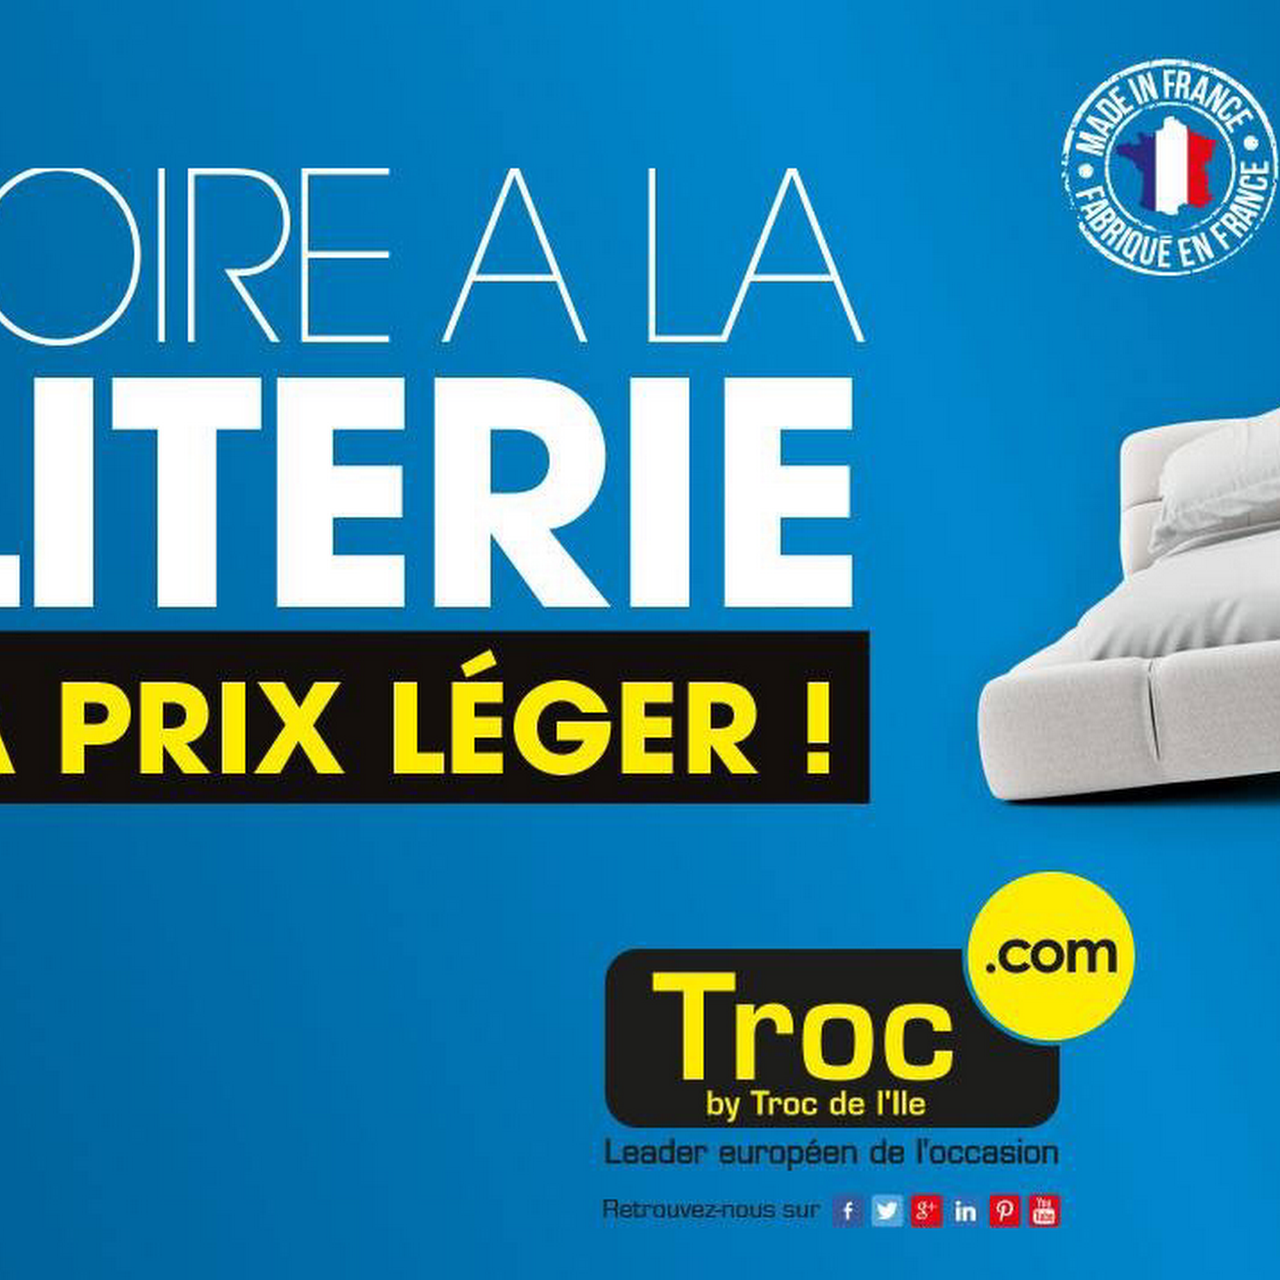 Troc 85180